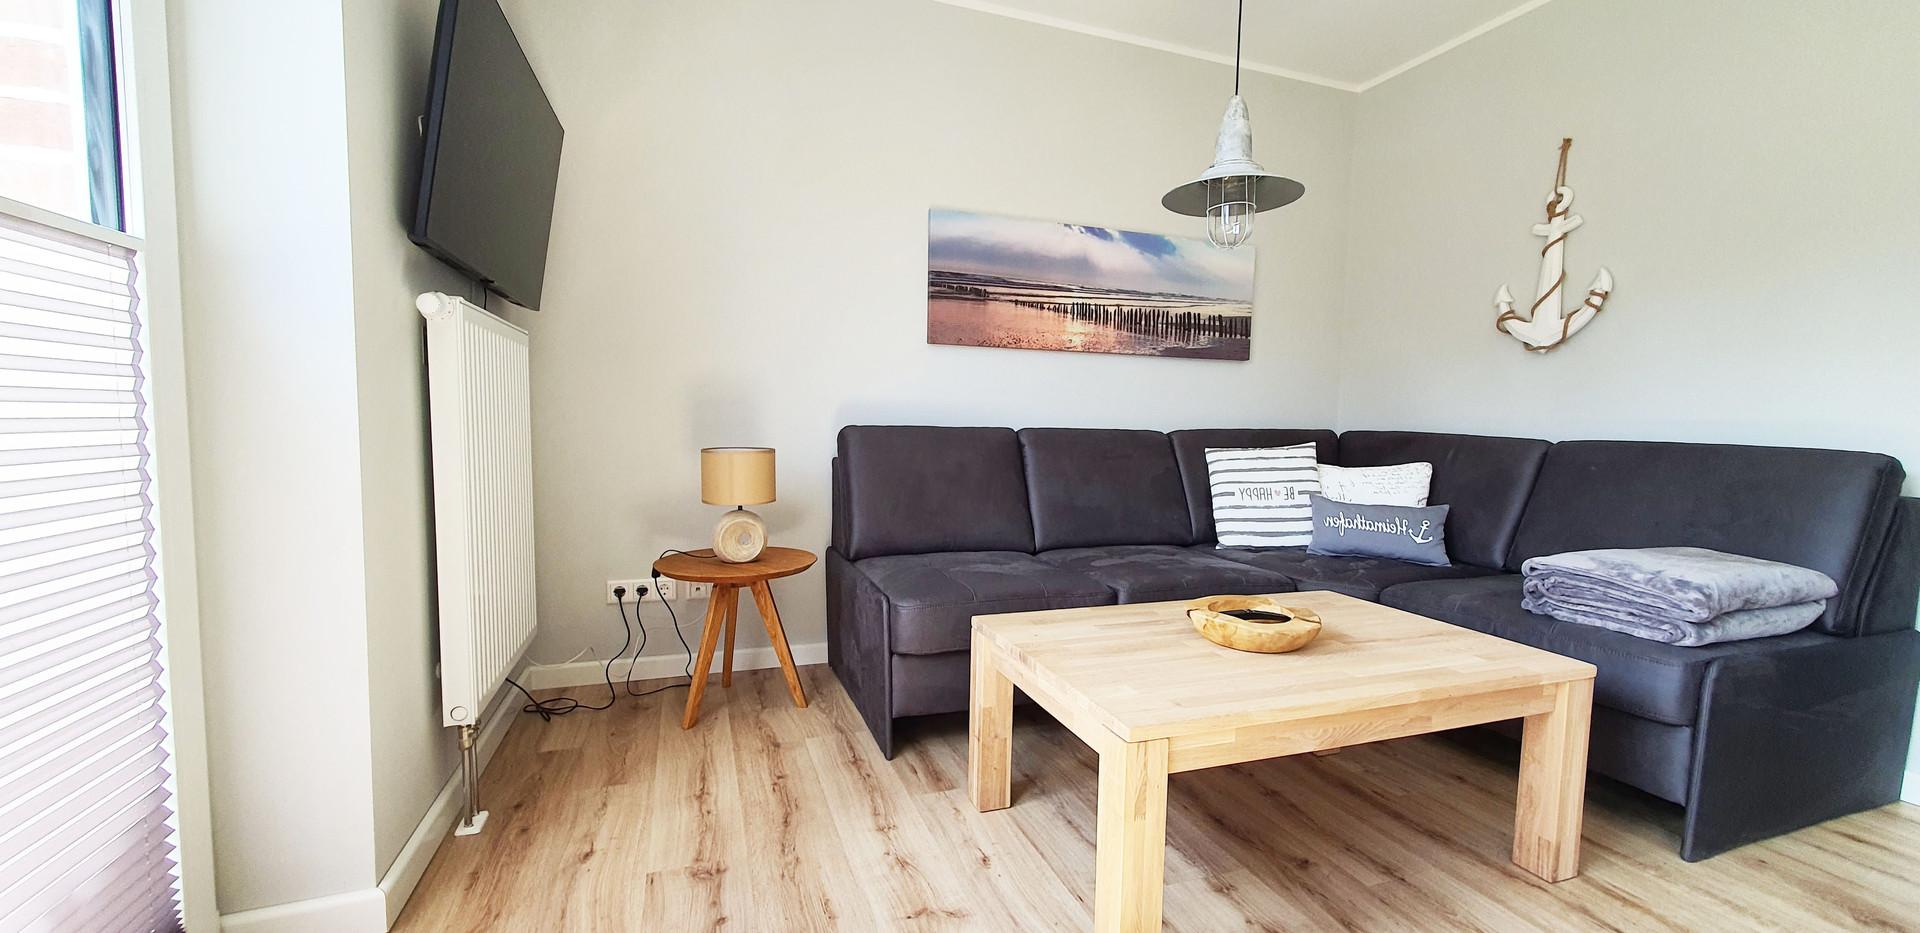 Ferienhaus Stromer - Wohnbereich.jpg